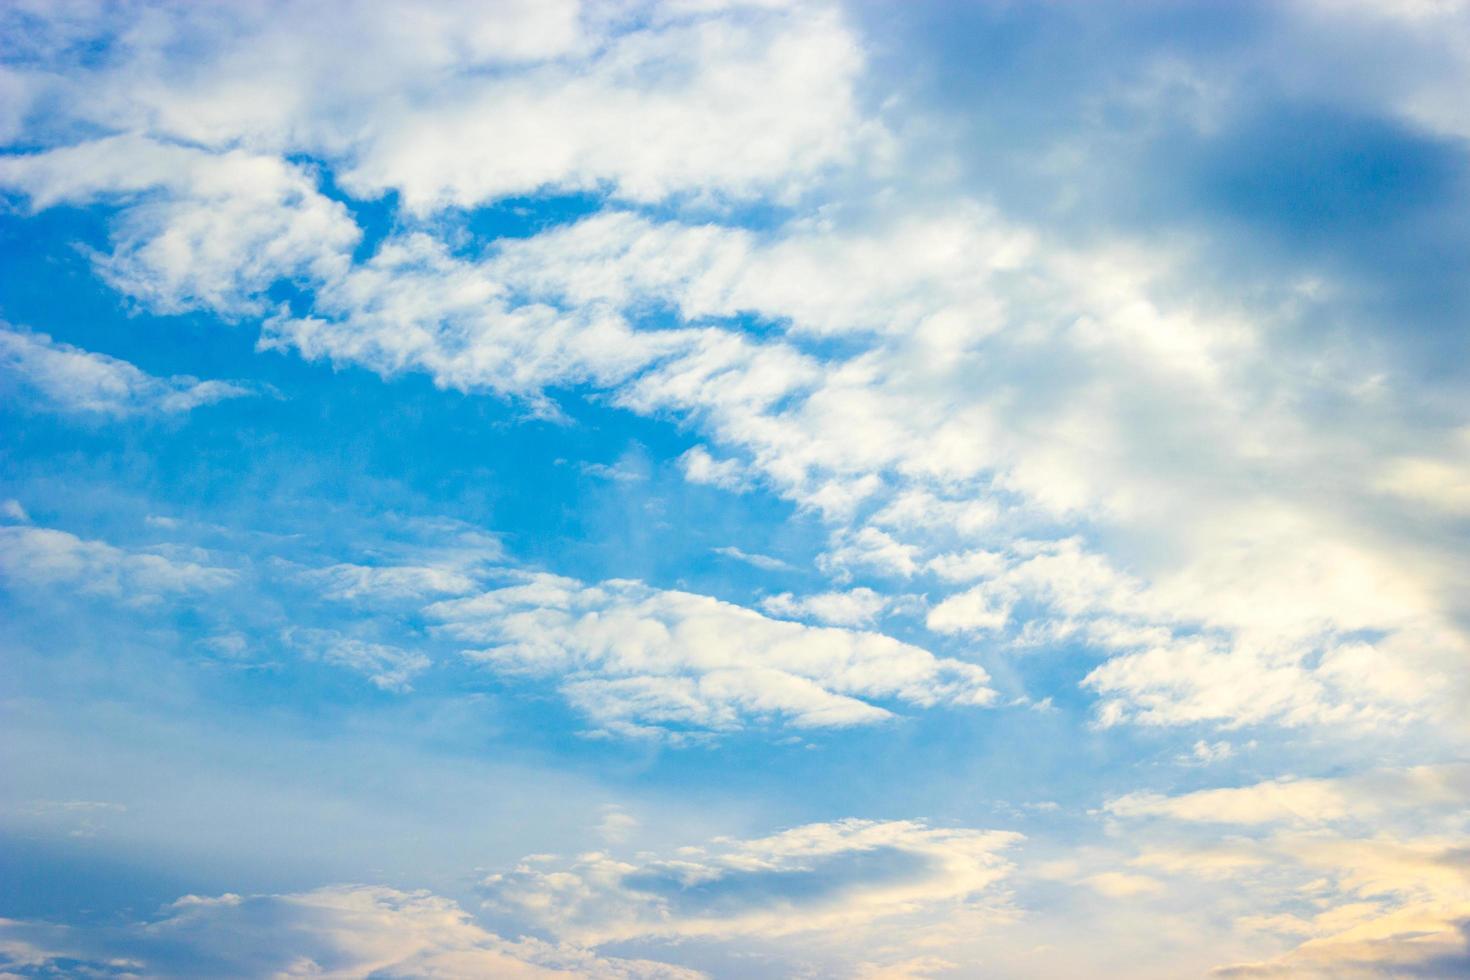 cielo azul y nubes blancas al atardecer foto